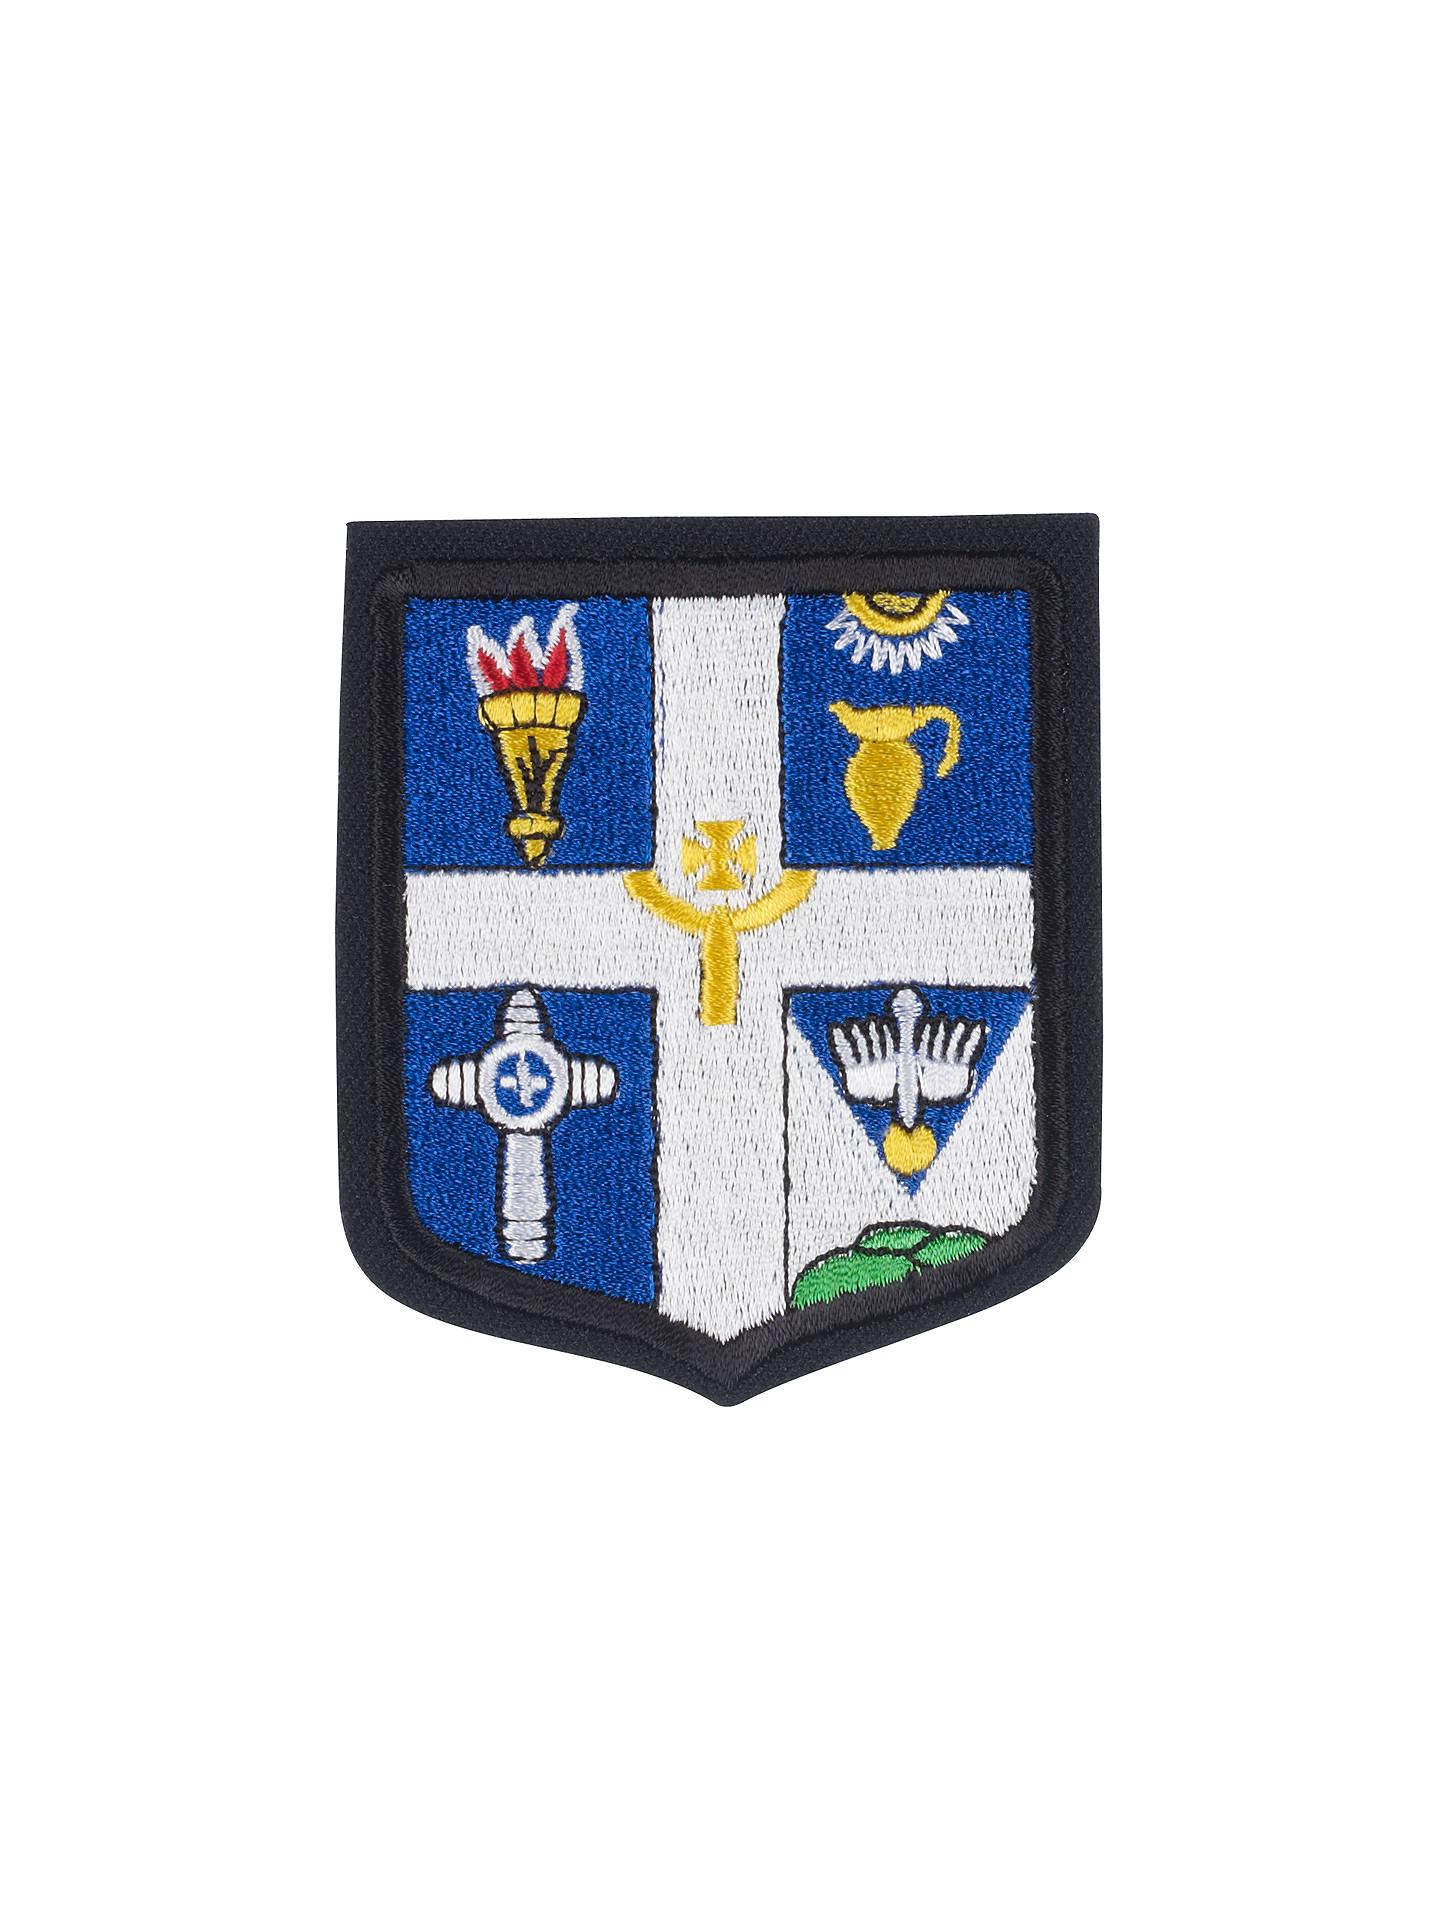 St Augustine's High School Unisex Blazer Badge, Multi at